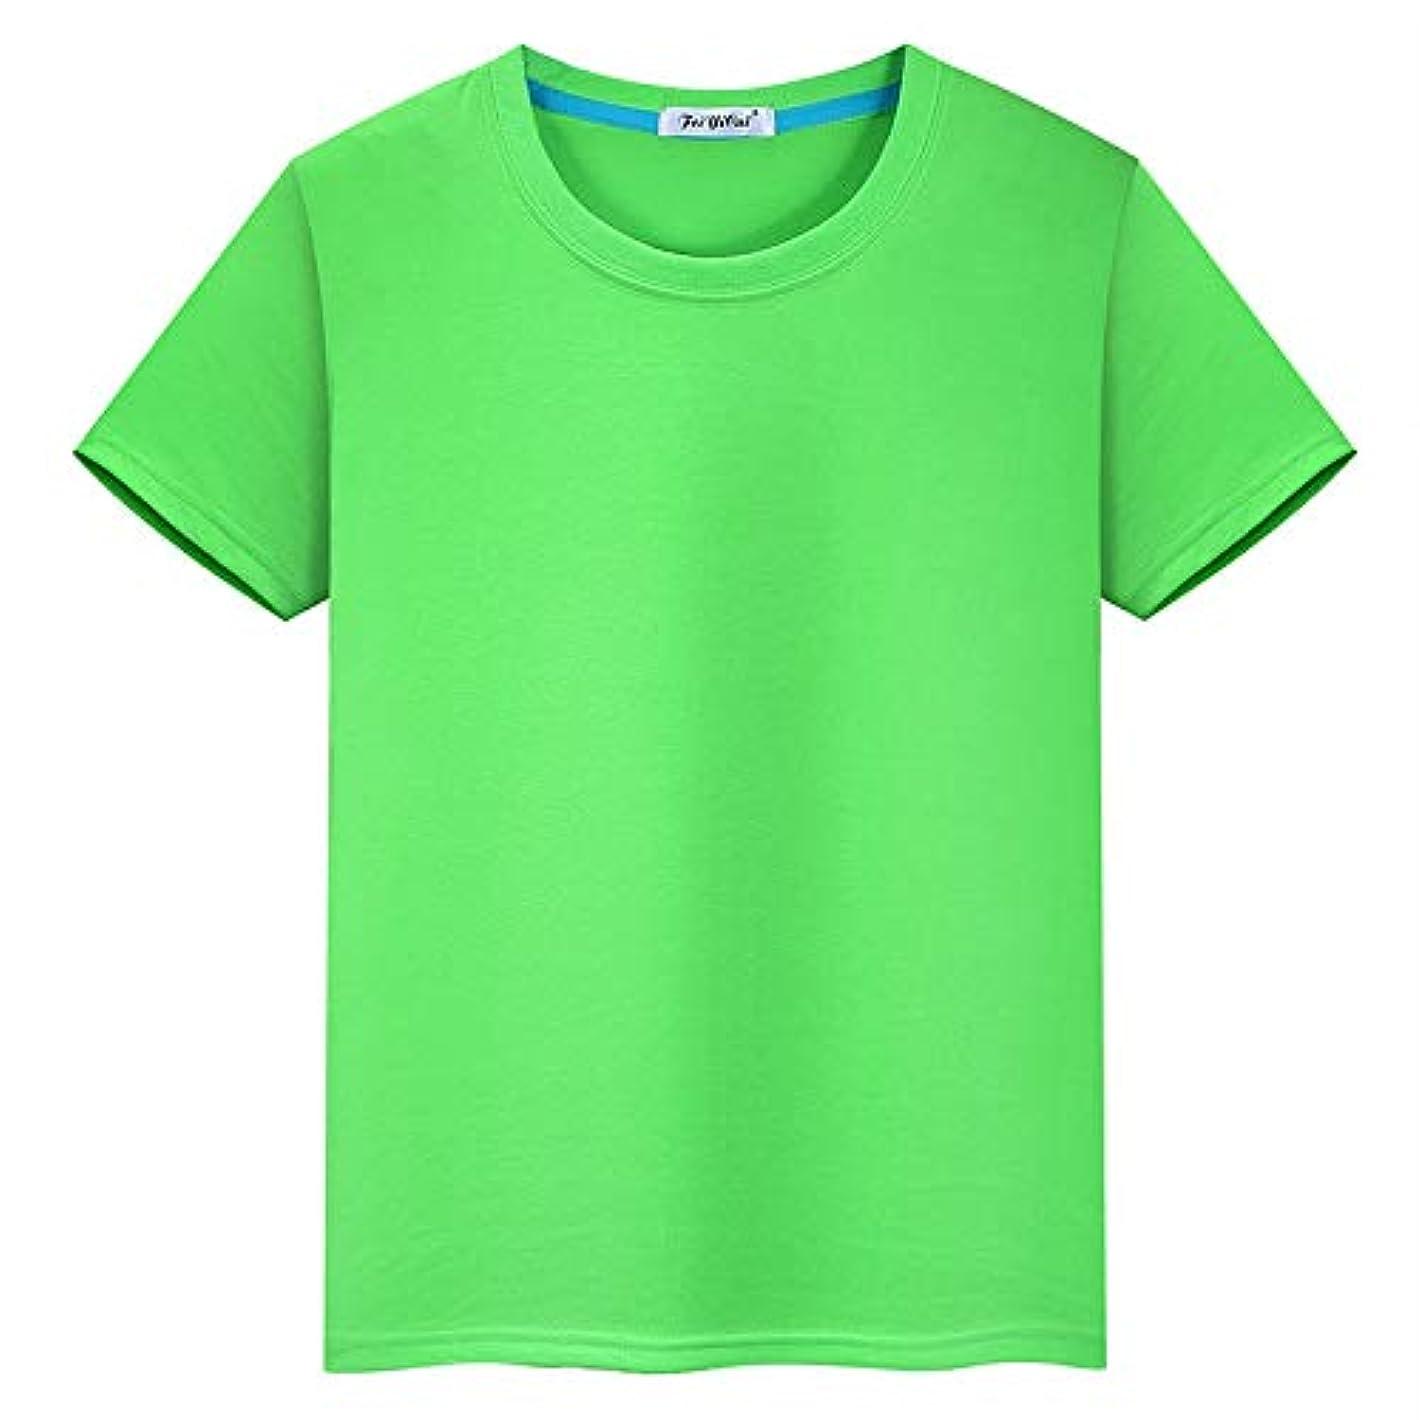 筋大統領臭いキッズ Tシャツ 男の子 女の子 半袖トップス無地 合わせやすい 子供服 丸い襟 柔らかい おしゃれ カジュアル 七五三 入学式 卒業式 出産祝い 通園 発表会 春夏 秋可愛いベビー ボーイズ ベースシャツ キッズコスチューム3-8歳